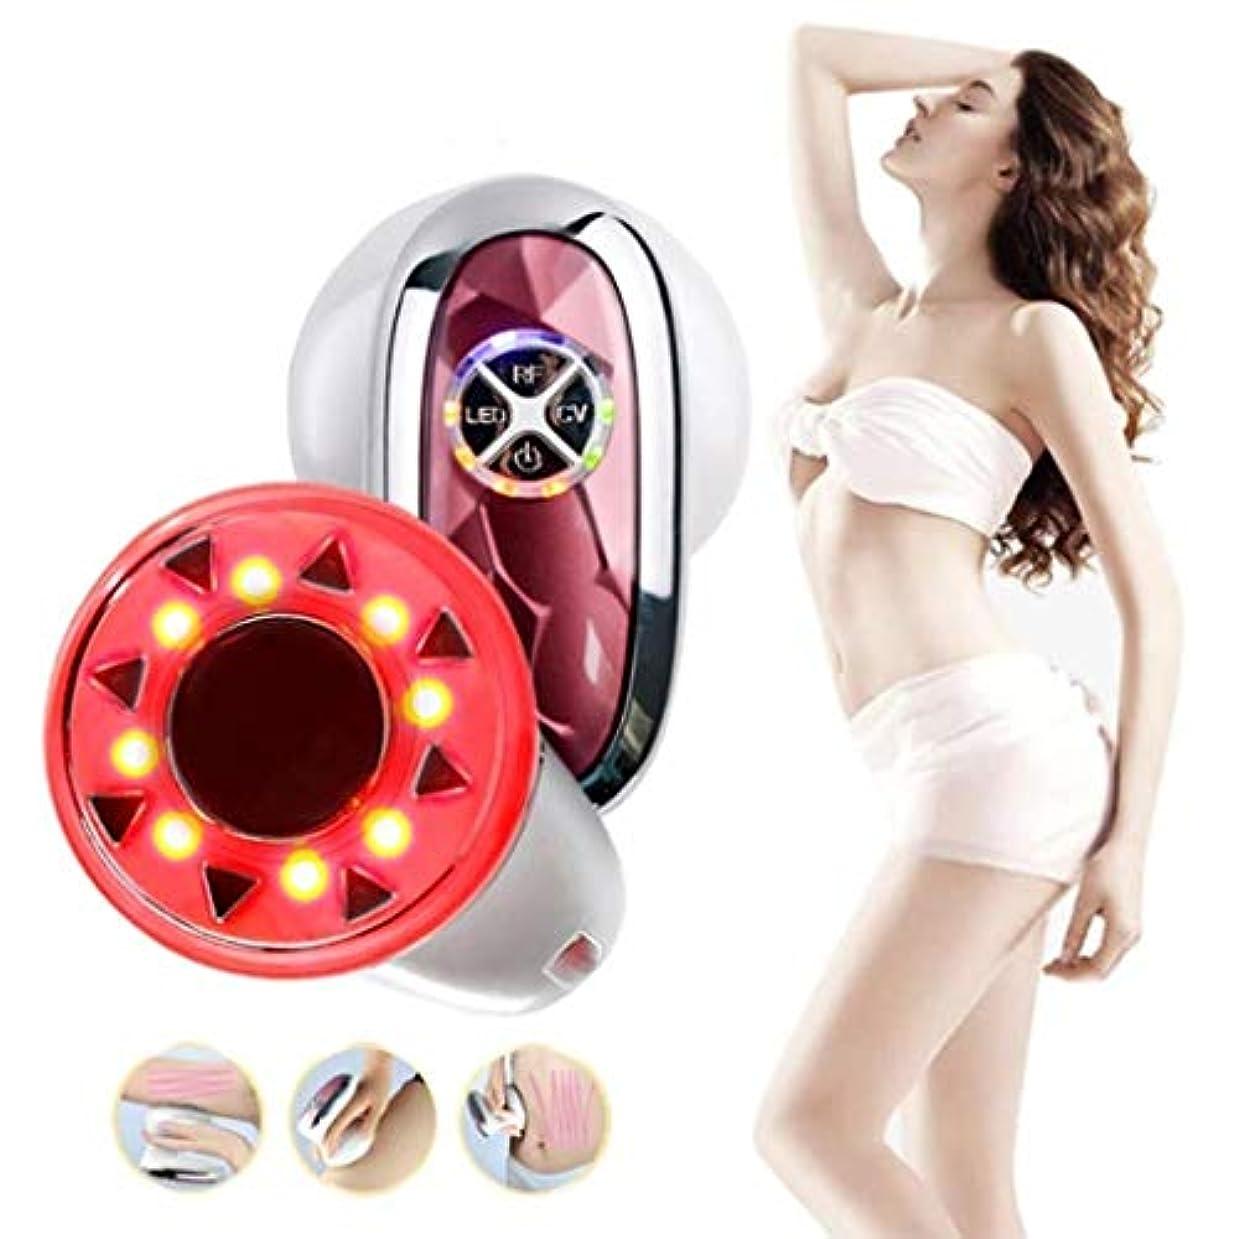 反動稼ぐ問題電気減量機、4-1 - ラジオ周波数マッサージ器、体の腹部、腰、脚、お尻、ボディマッサージ器、スキンケア機器